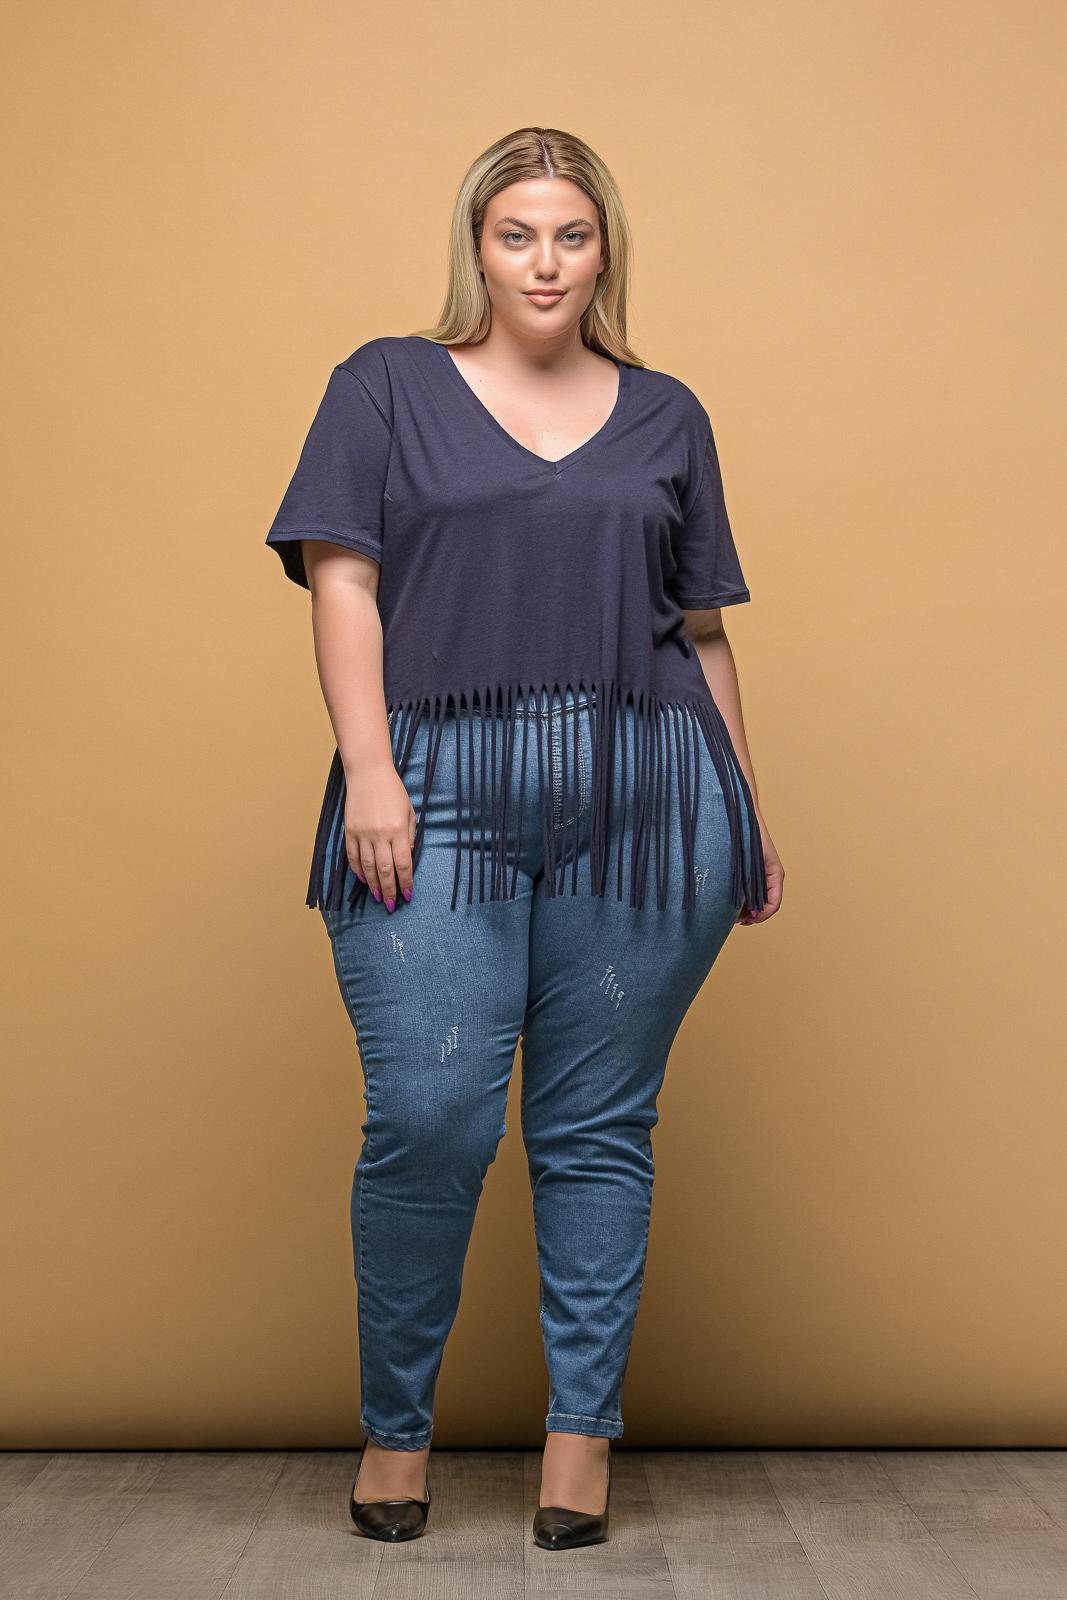 Τζιν +Psx μεγάλα μεγέθη ανοιχτόχρωμο με λάστιχο στη μέση και μικροεκδορ.Στο eshop μας θα βρείτε οικονομικά γυναίκεια ρούχα σε μεγάλα μεγέθη και υπερμεγέθη.